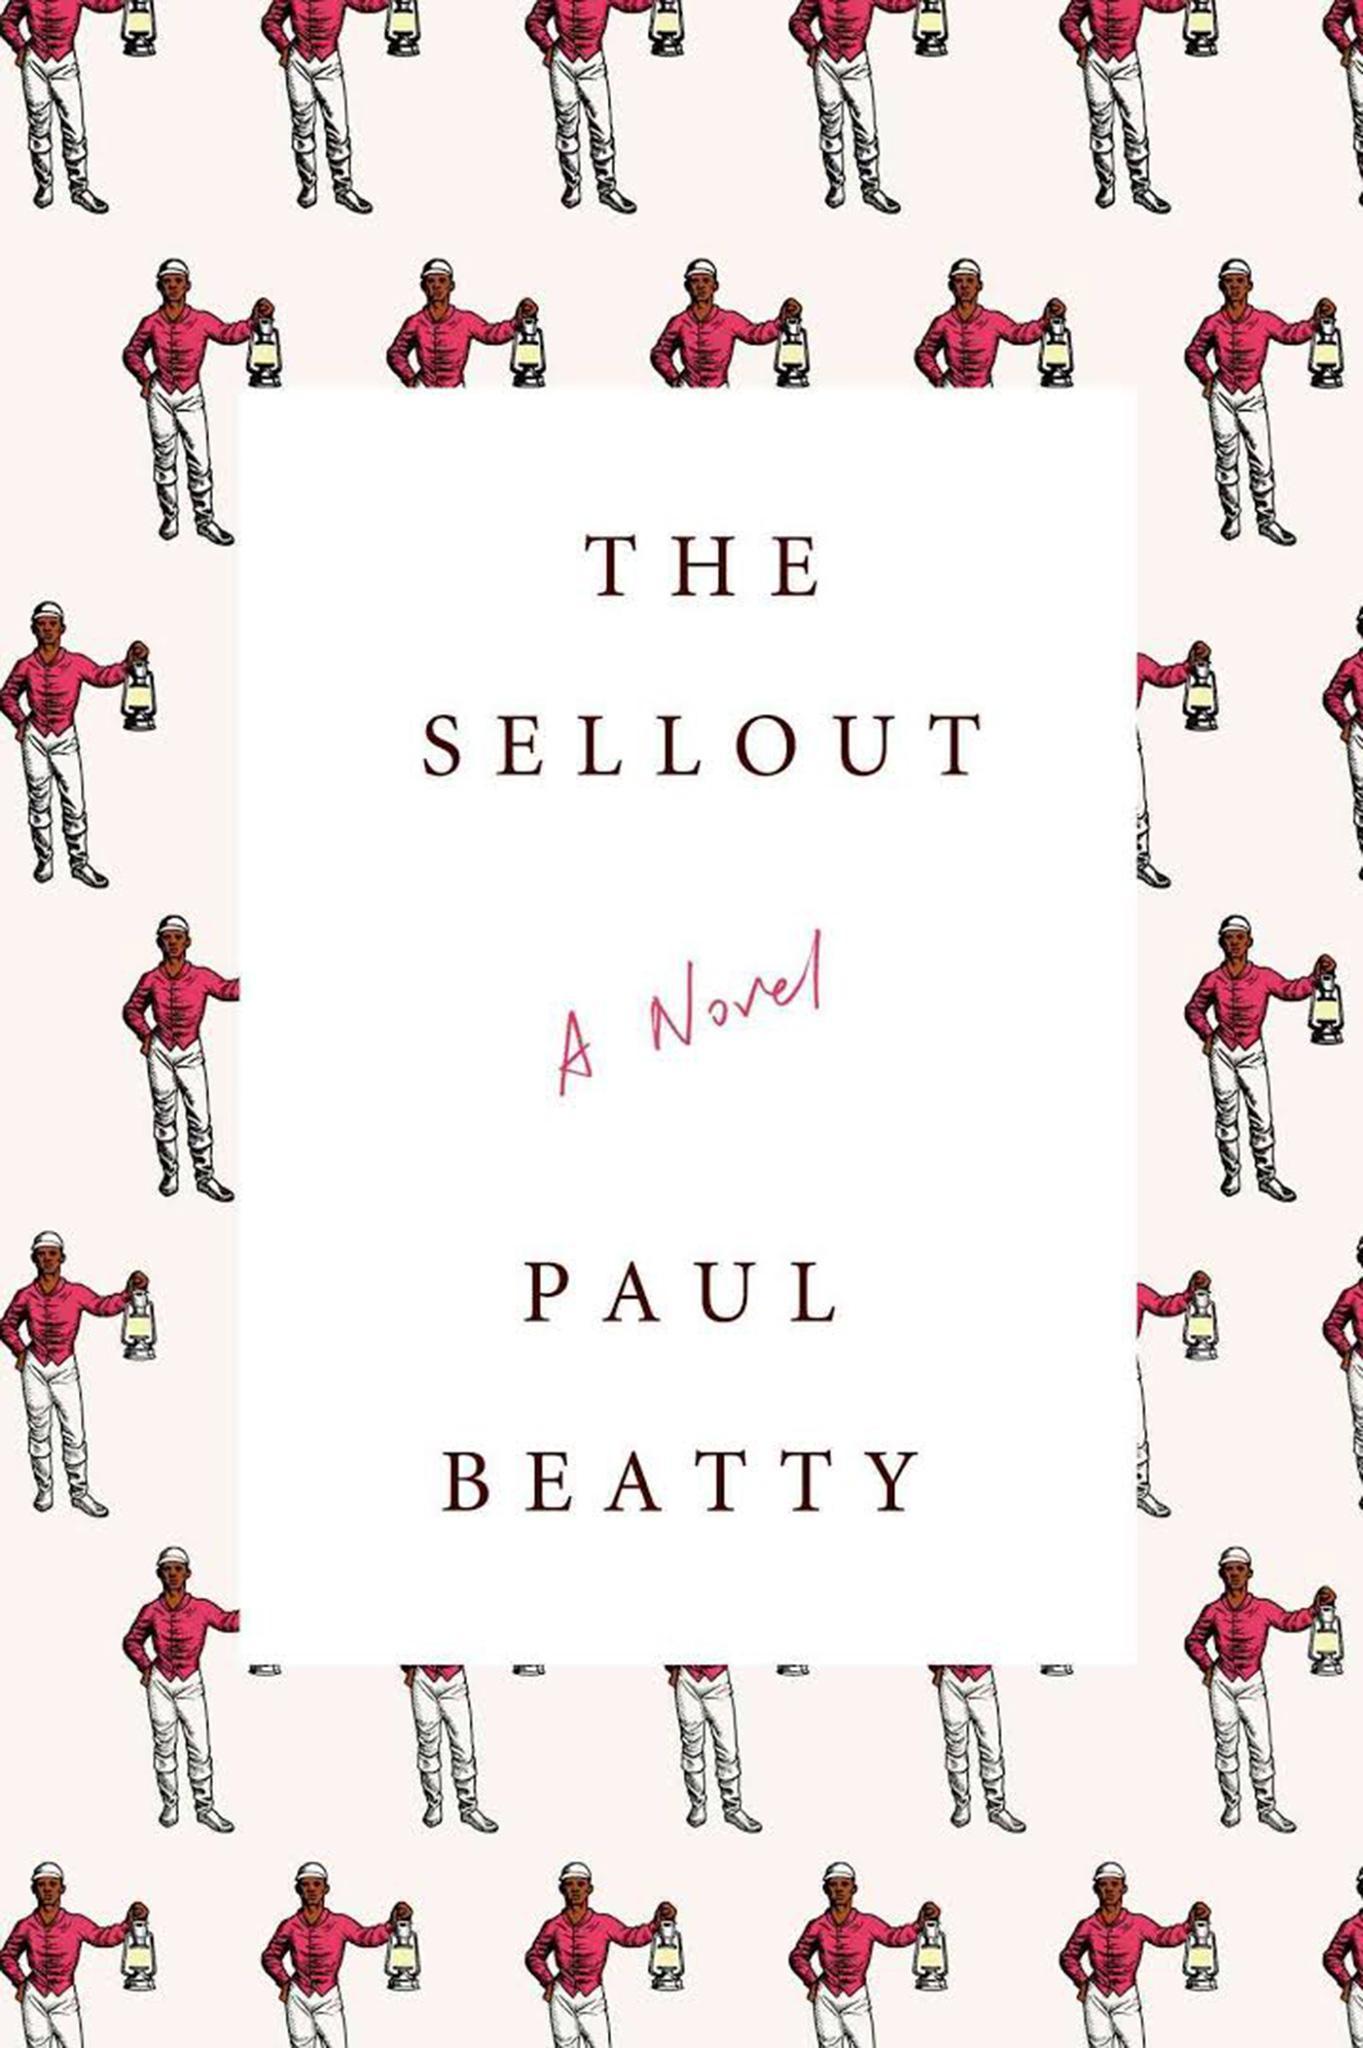 sellout-paul-beatty (1)